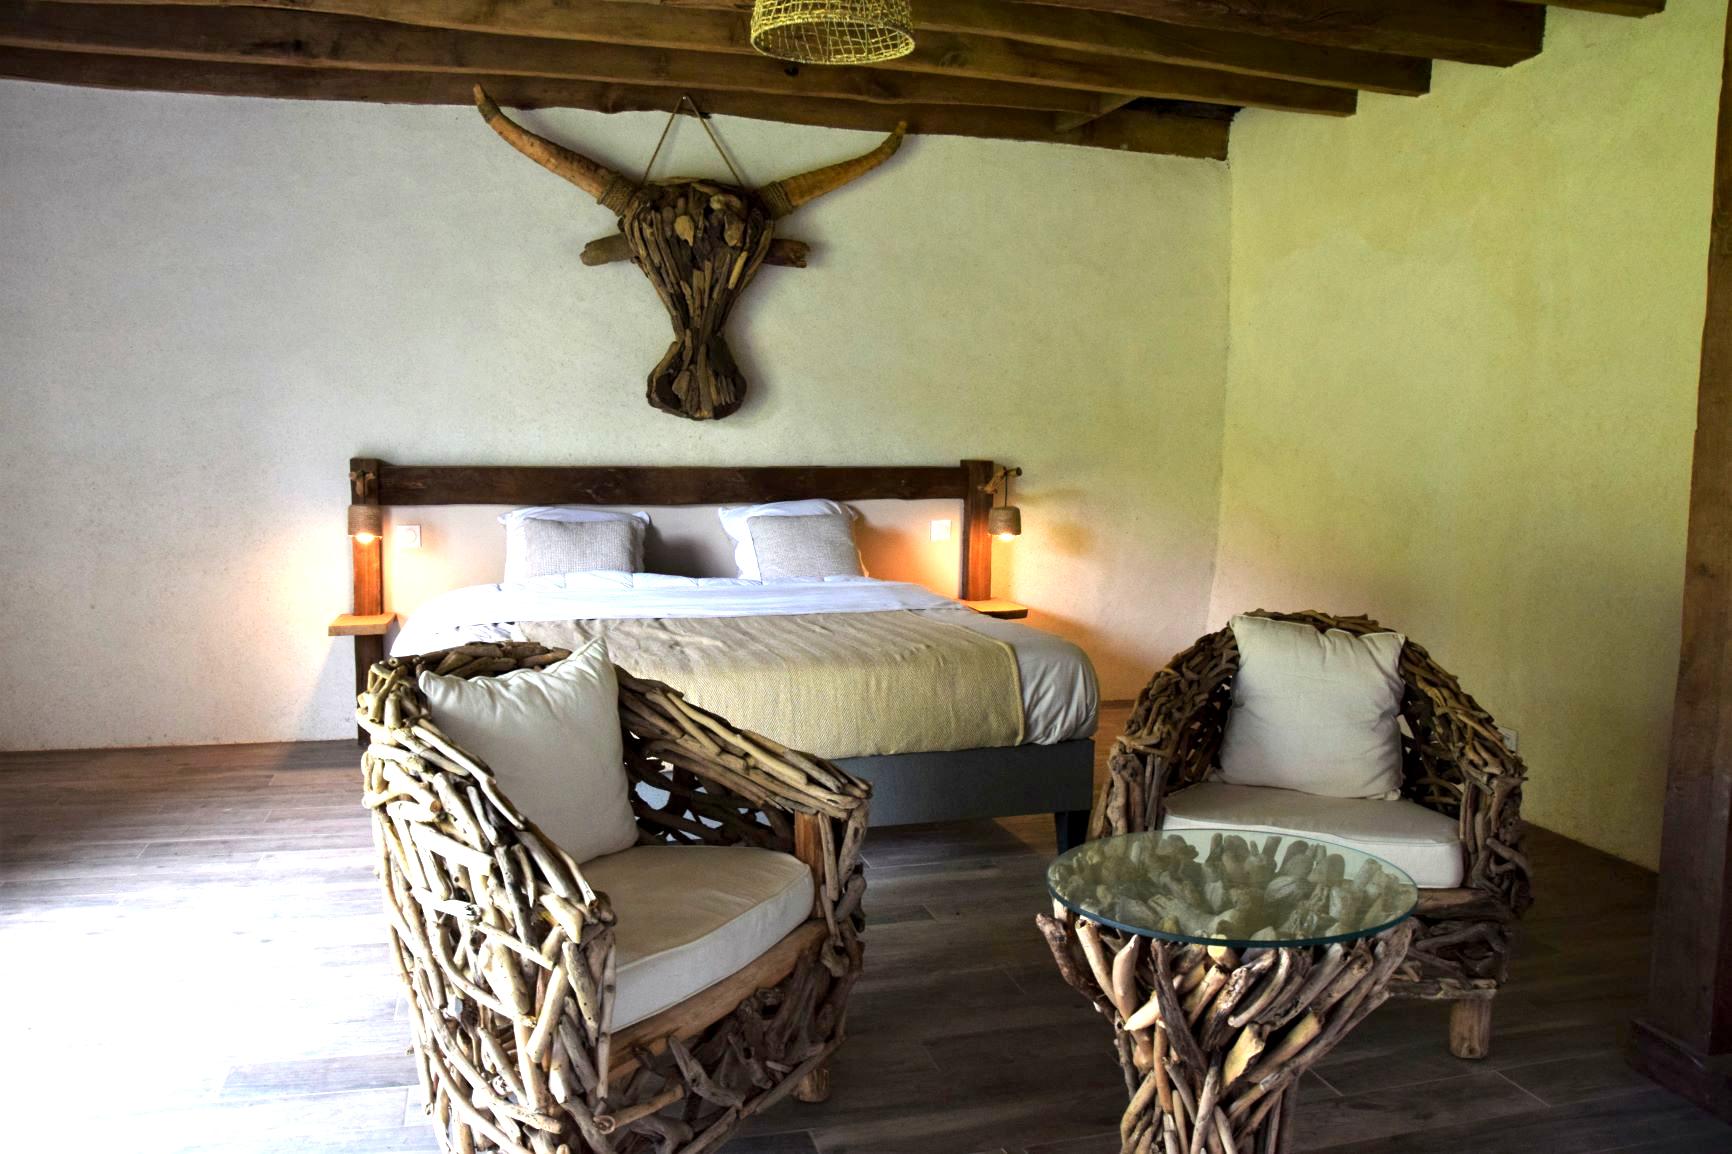 """Chambre d'hôtes de charme La Gacilly Redon Rochefort-en-Terre. Chambre sur le thème du bois au Nom """"Scieurs de bois"""""""